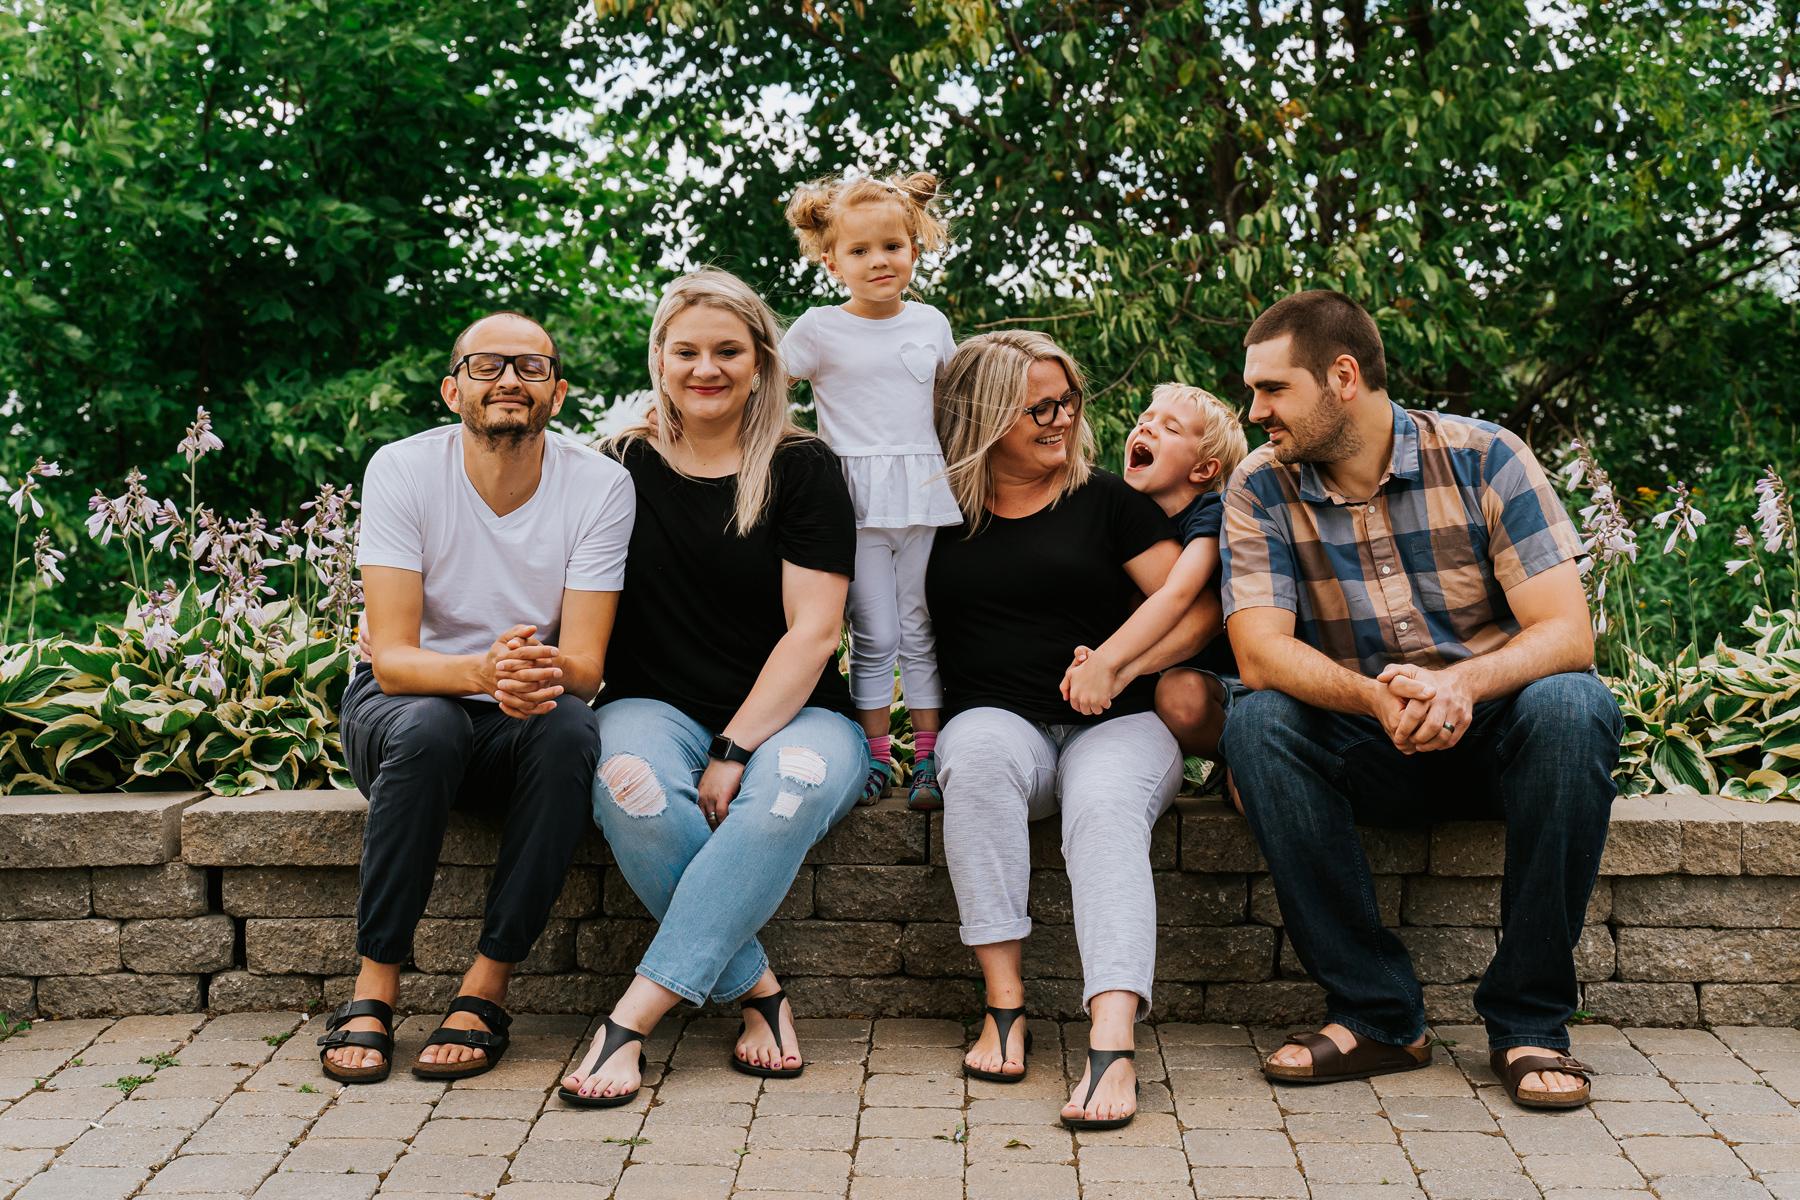 001-fredericton-family-portraits-kandisebrown-aj2020